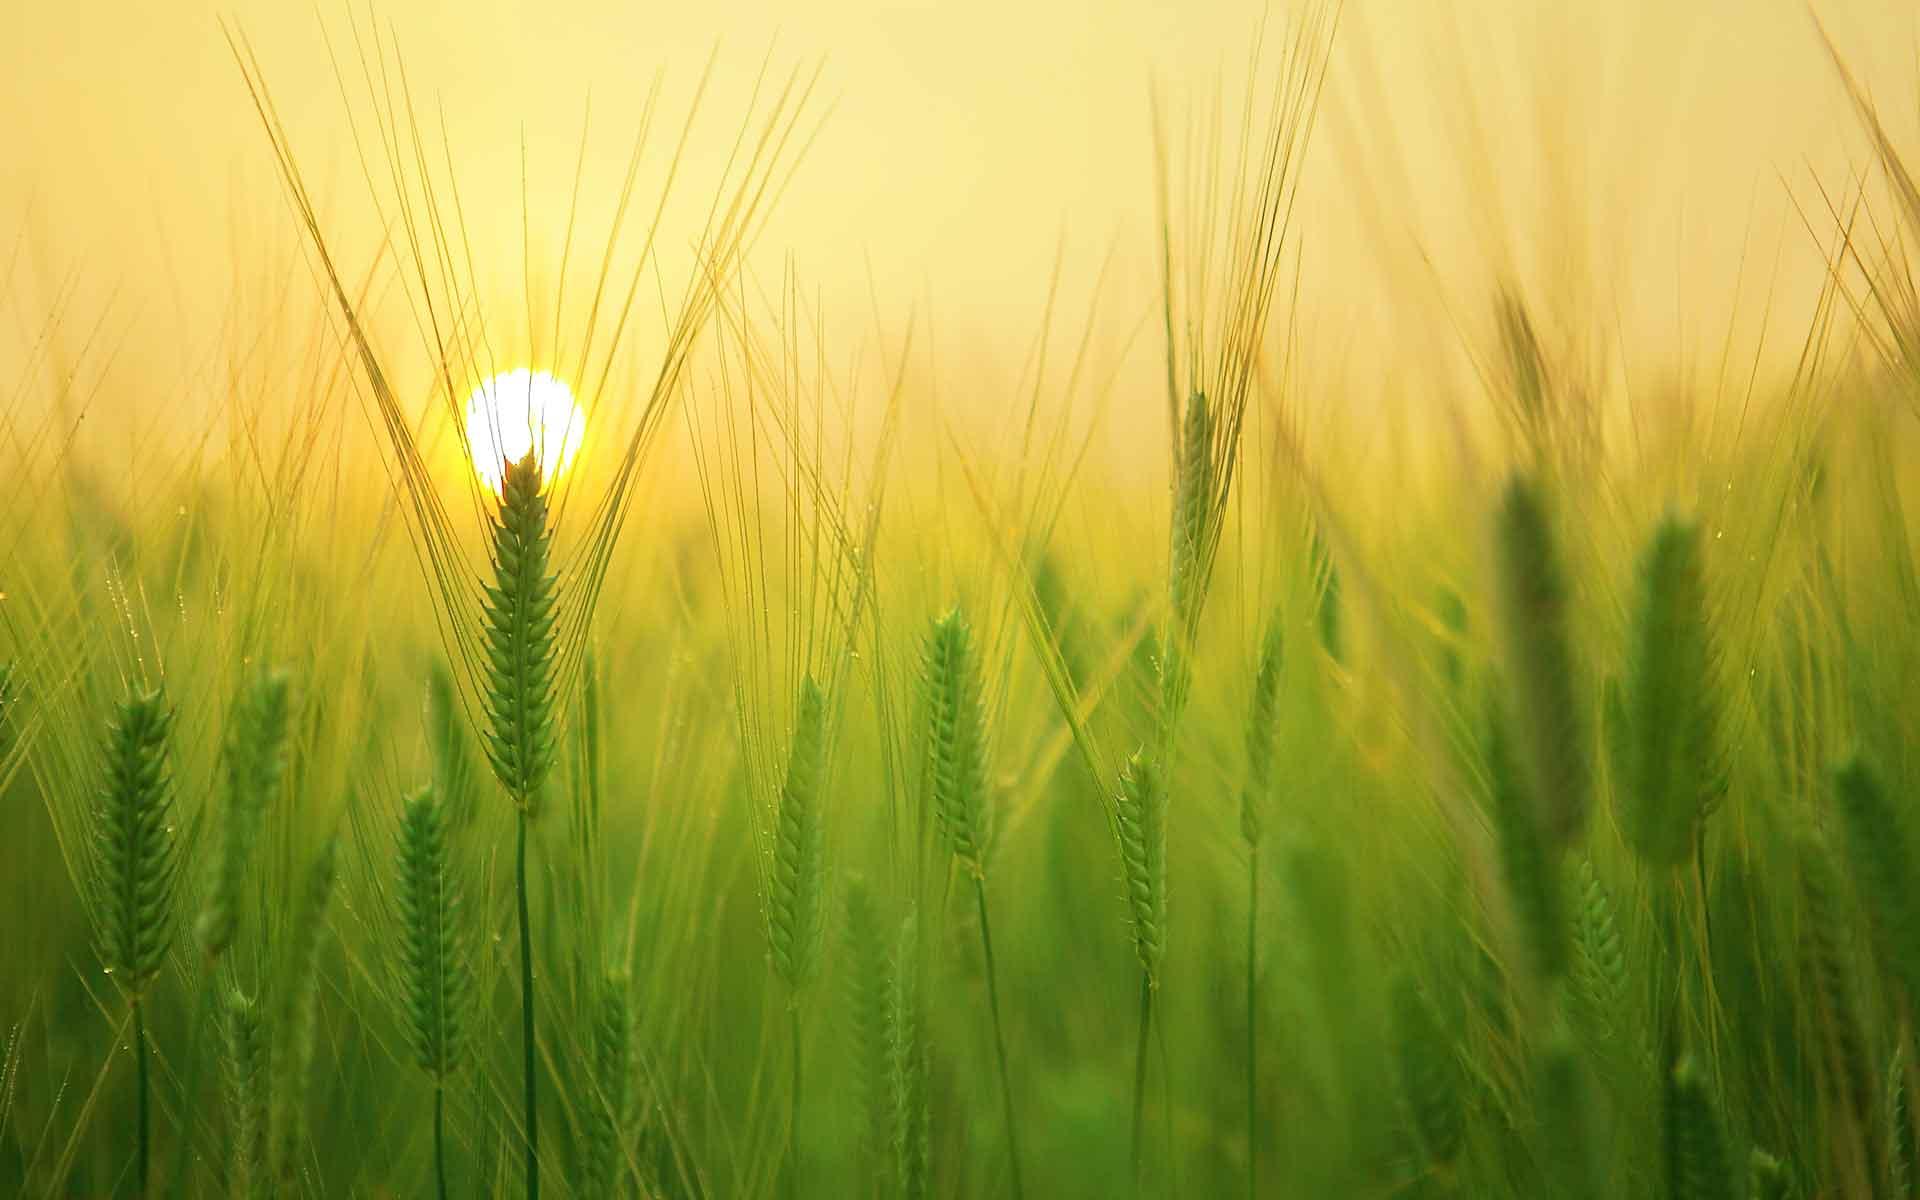 CIEU-agriculture-aow